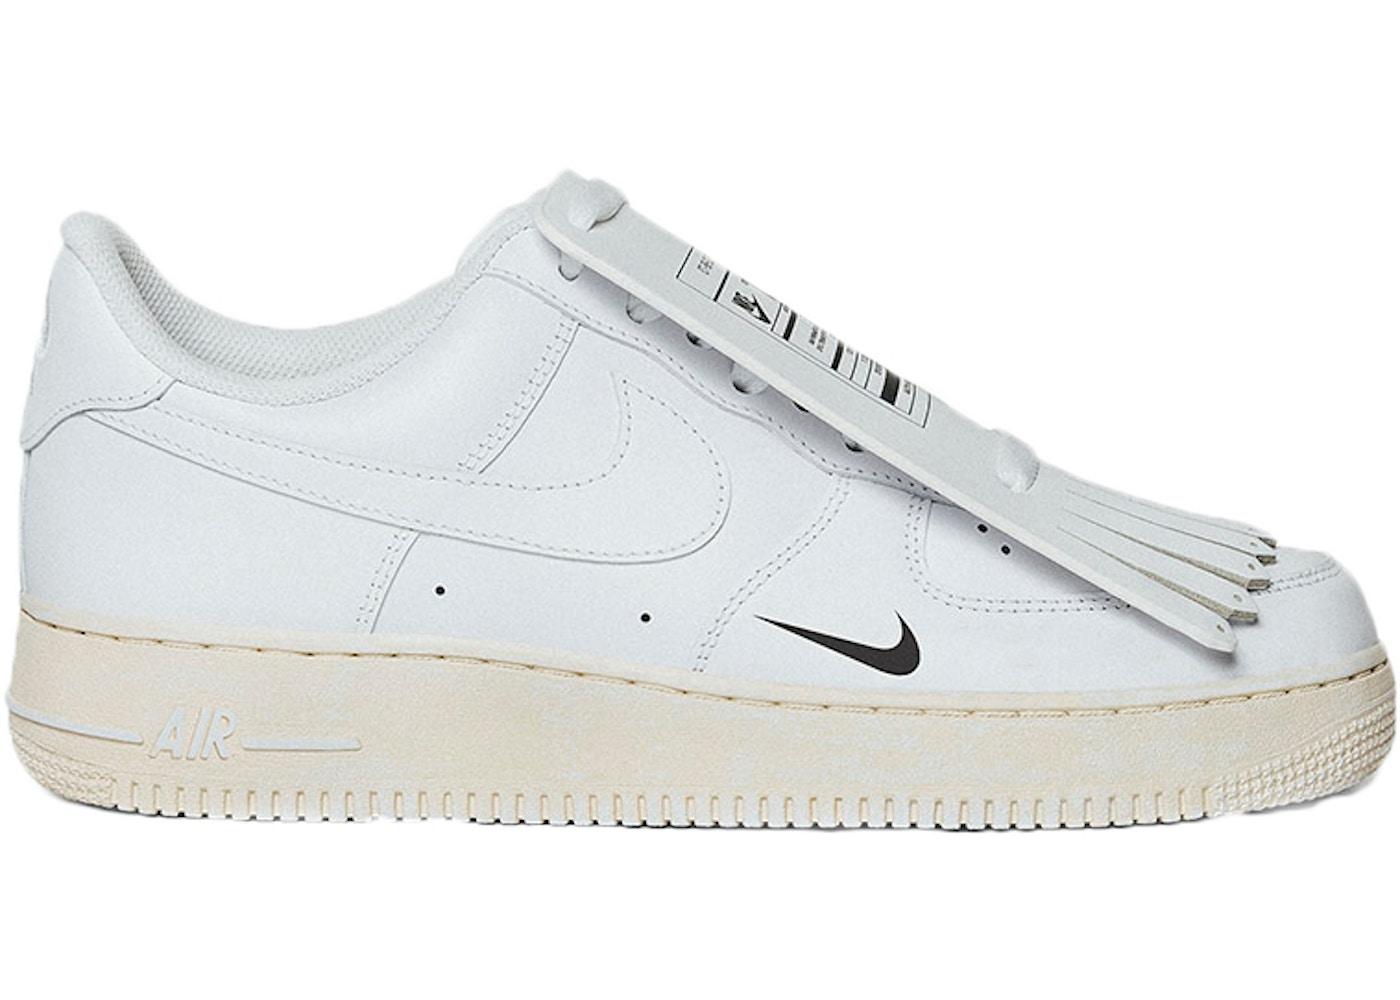 Air Force 1 Low Piet Old Golf Shoes - 315122-111-P ce30d5a192c